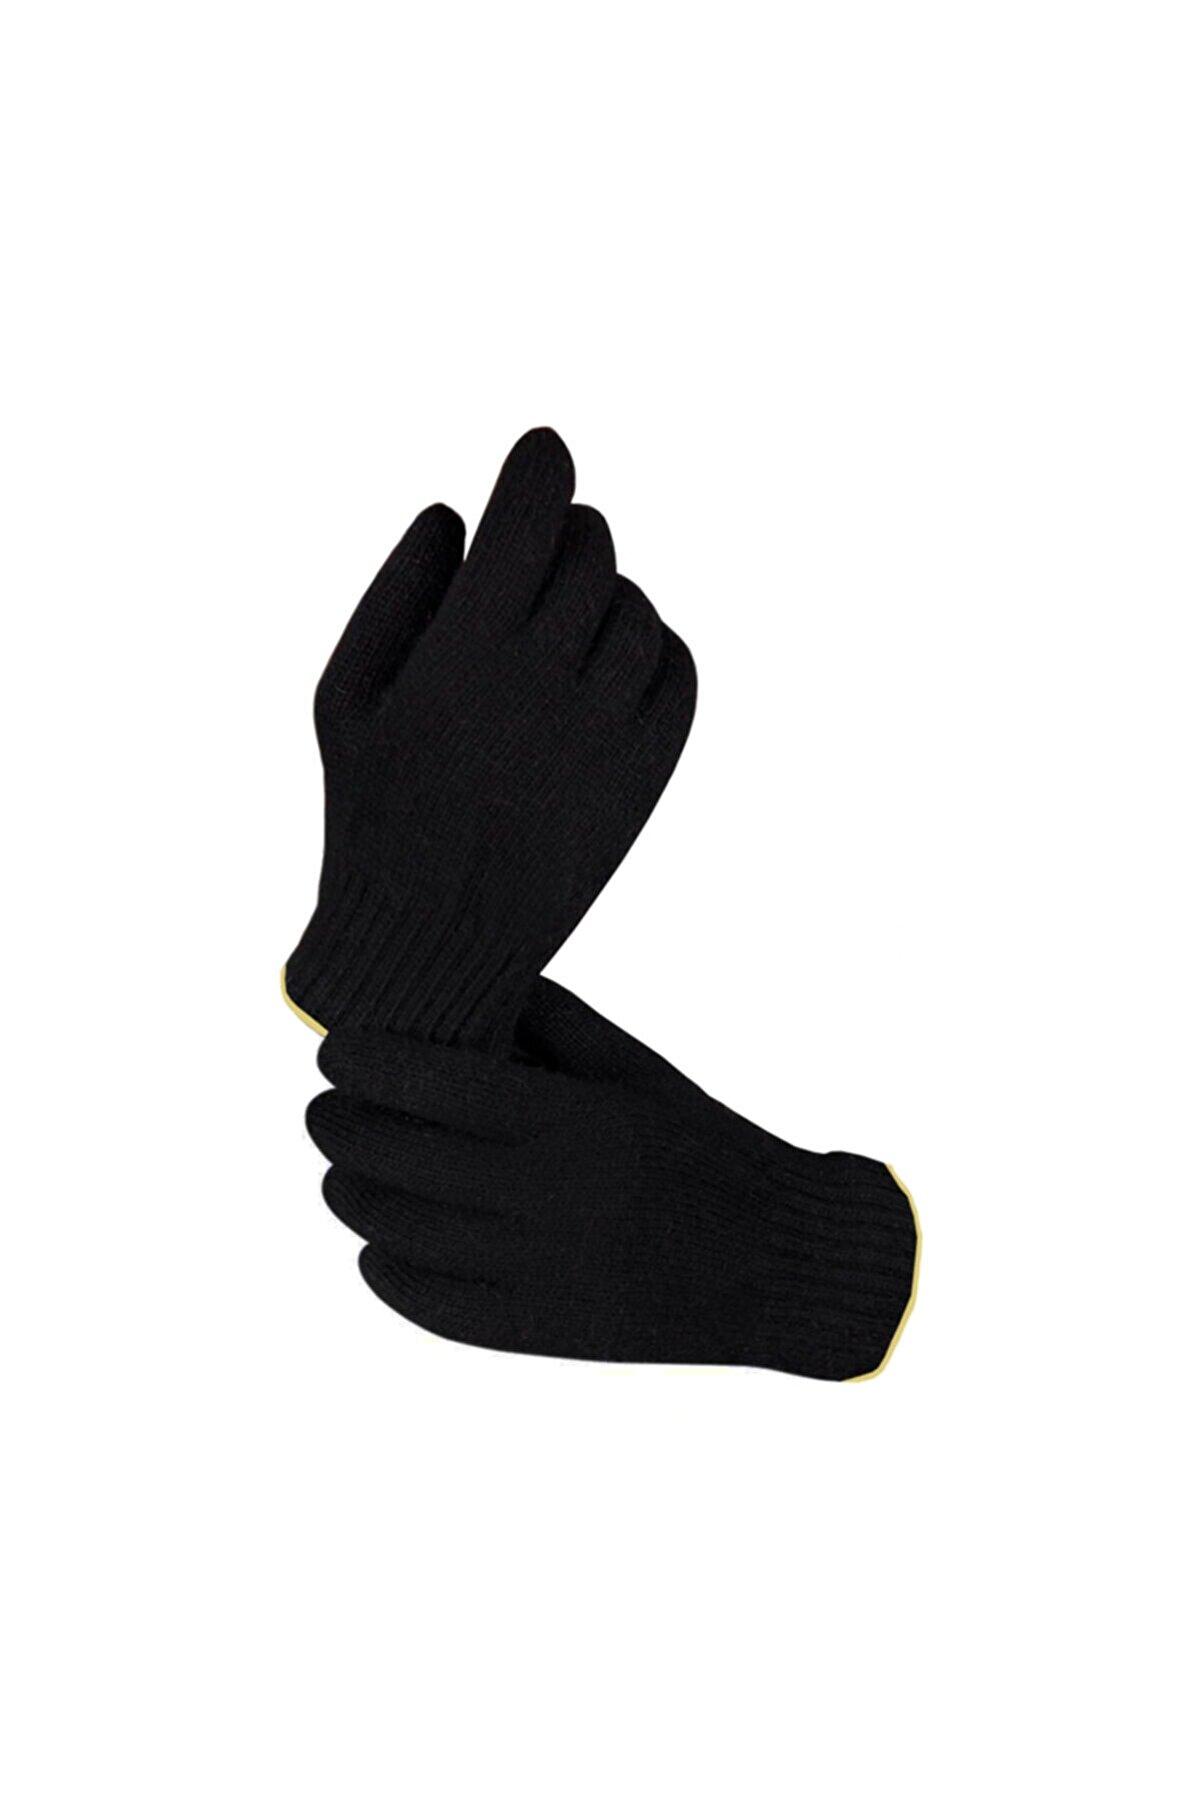 BURİŞ Siyah Kışlık Örgü Unisex Eldiven Xl (10) Beden